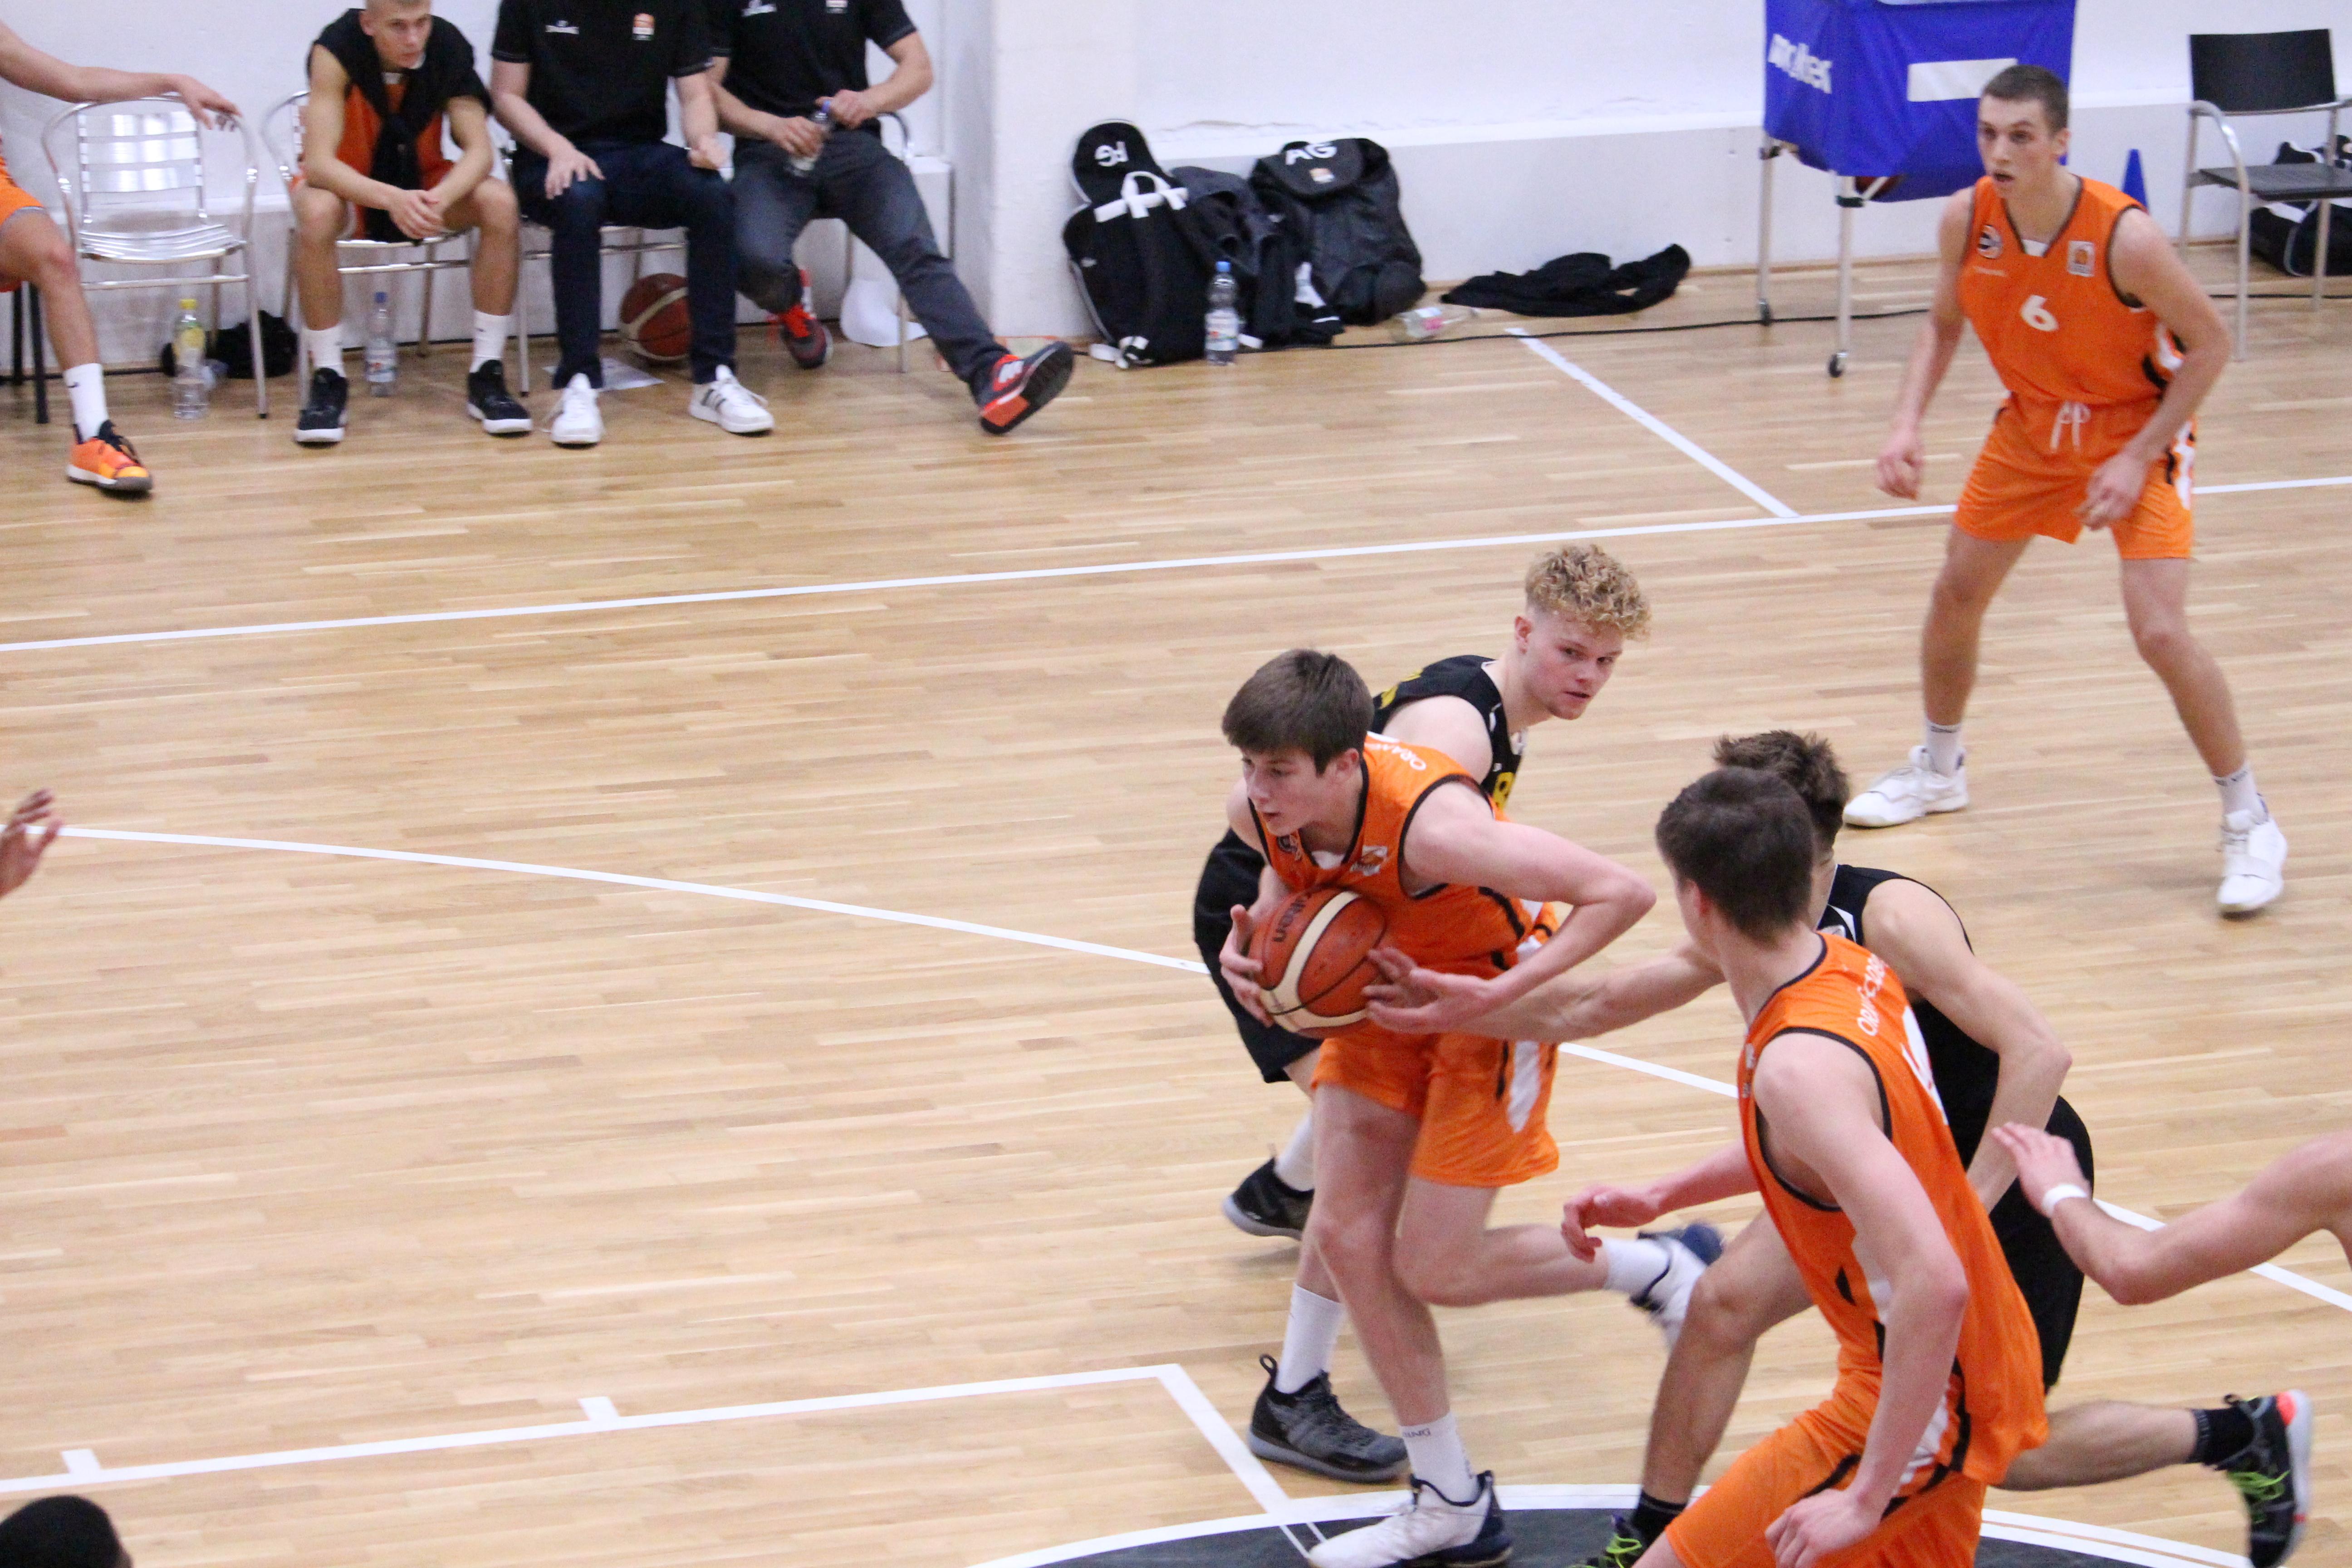 NBBL_19-20_OrangeAcademy_Young-Tigers-Tübingen_Spieltag3_Moritz-Heck-2